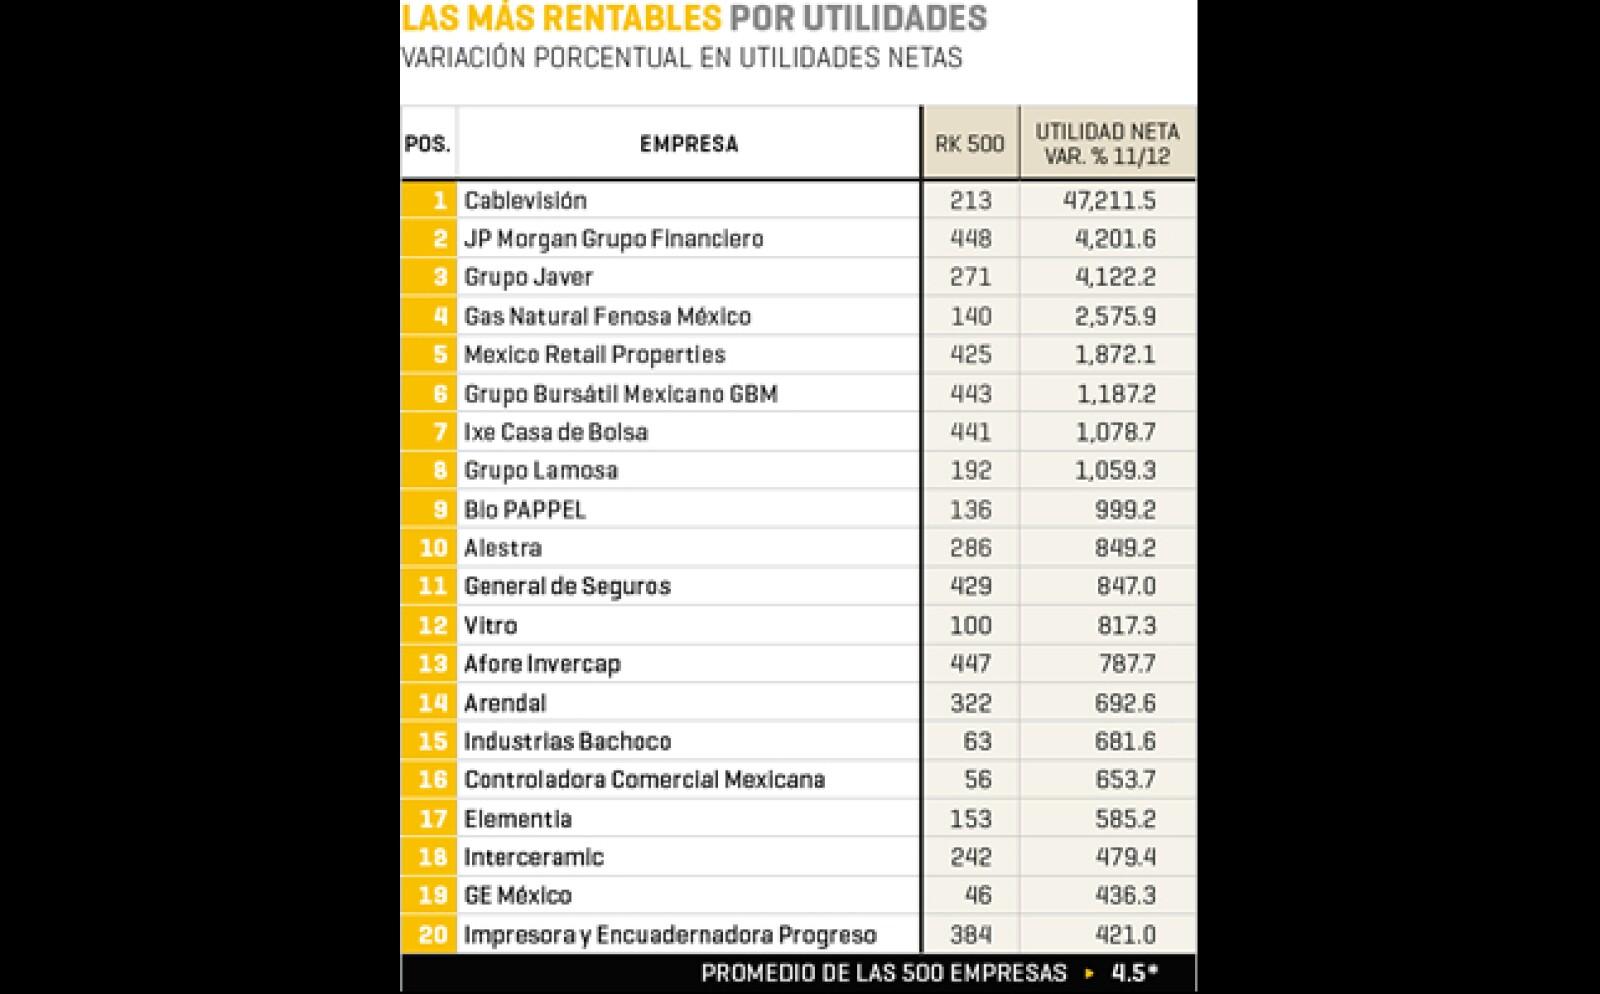 Cablevisión (posición 213 en el ranking 2013 de 'Las 500' ), JP Morgan Grupo Financiero (448) y Grupo Javer (271), lideran las 20 firmas más rentables según sus utilidades.